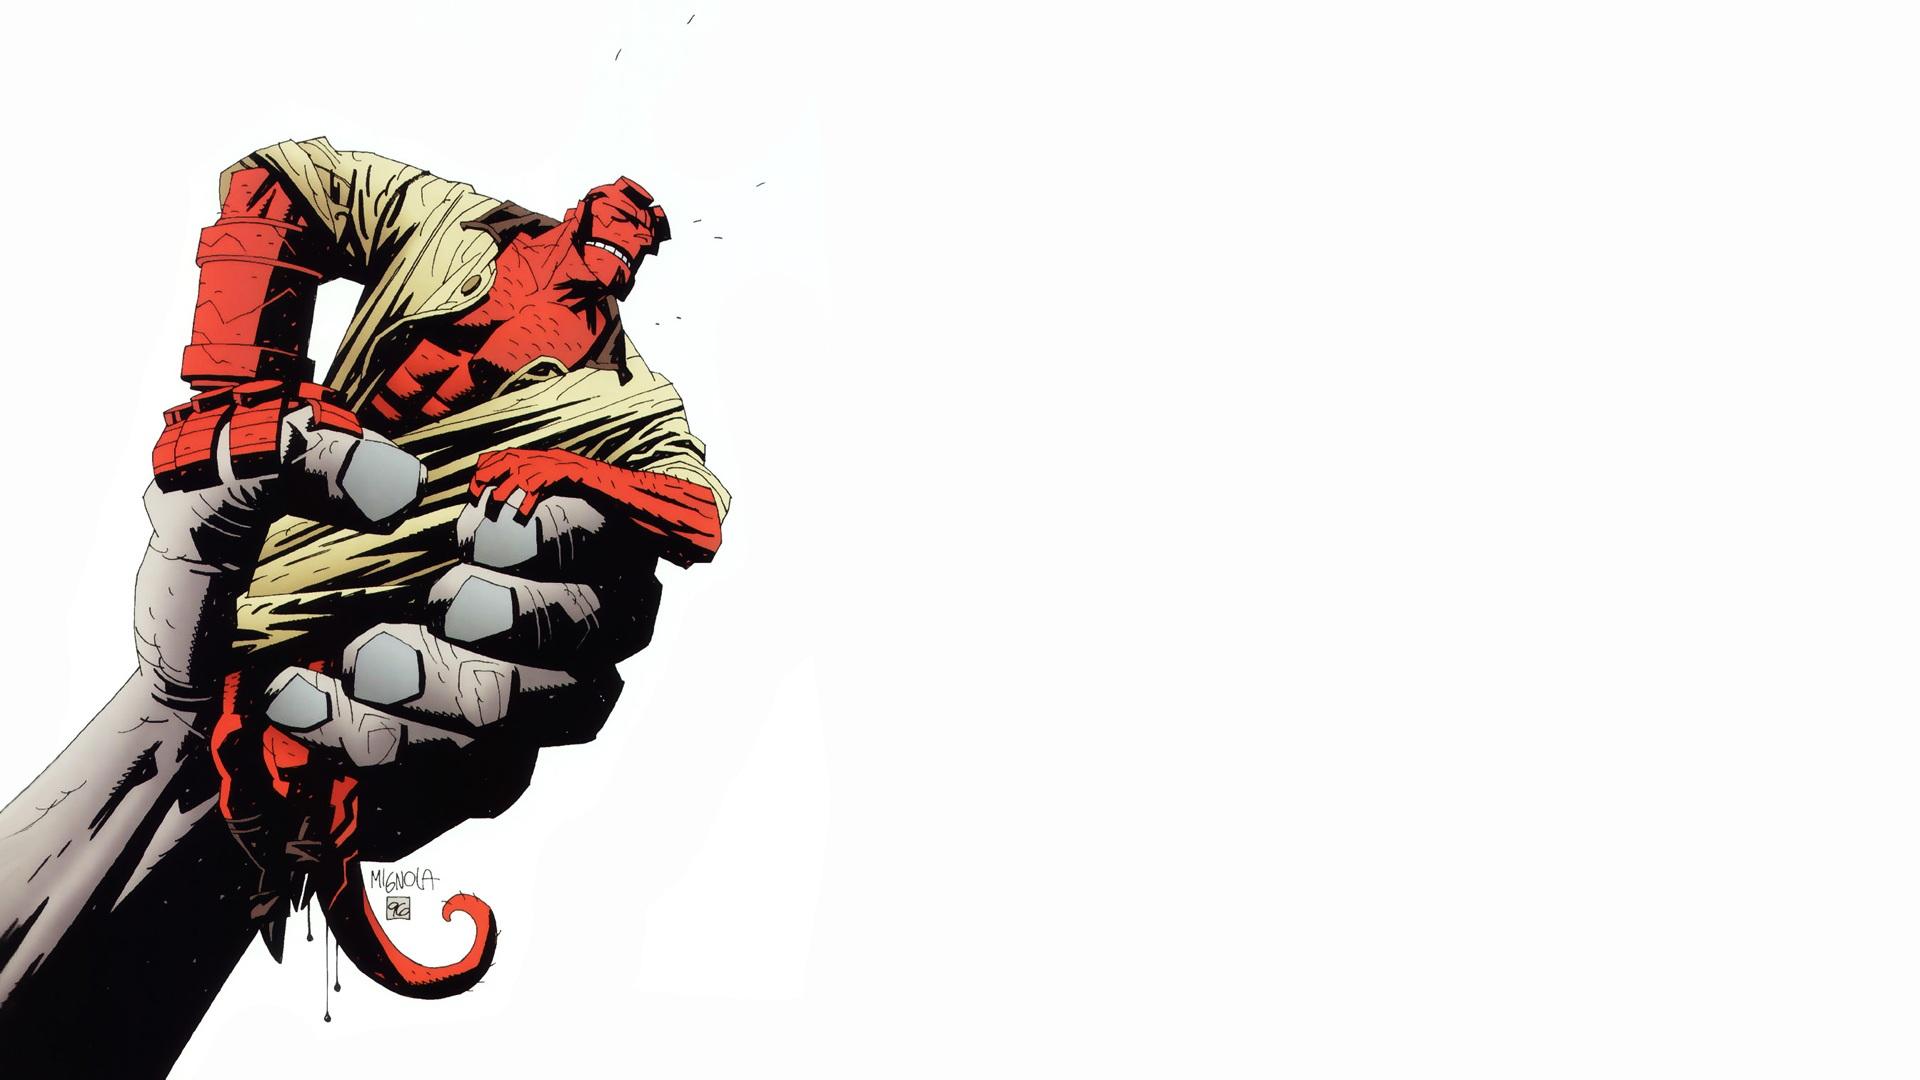 Hellboy Wallpaper 1920x1080 Hellboy 1920x1080